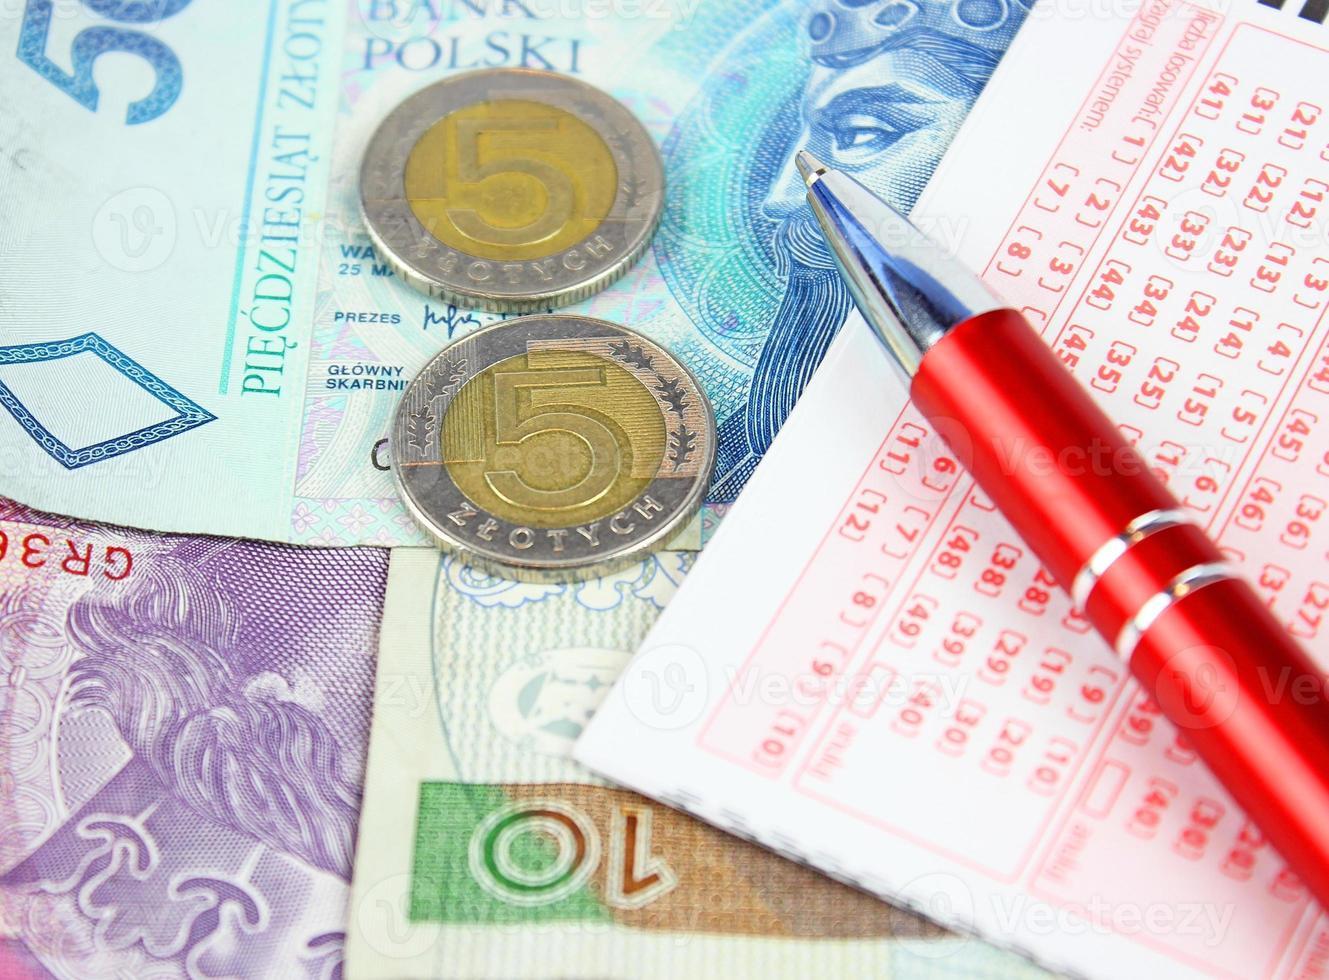 biglietto della lotteria con penna e denaro polacco foto